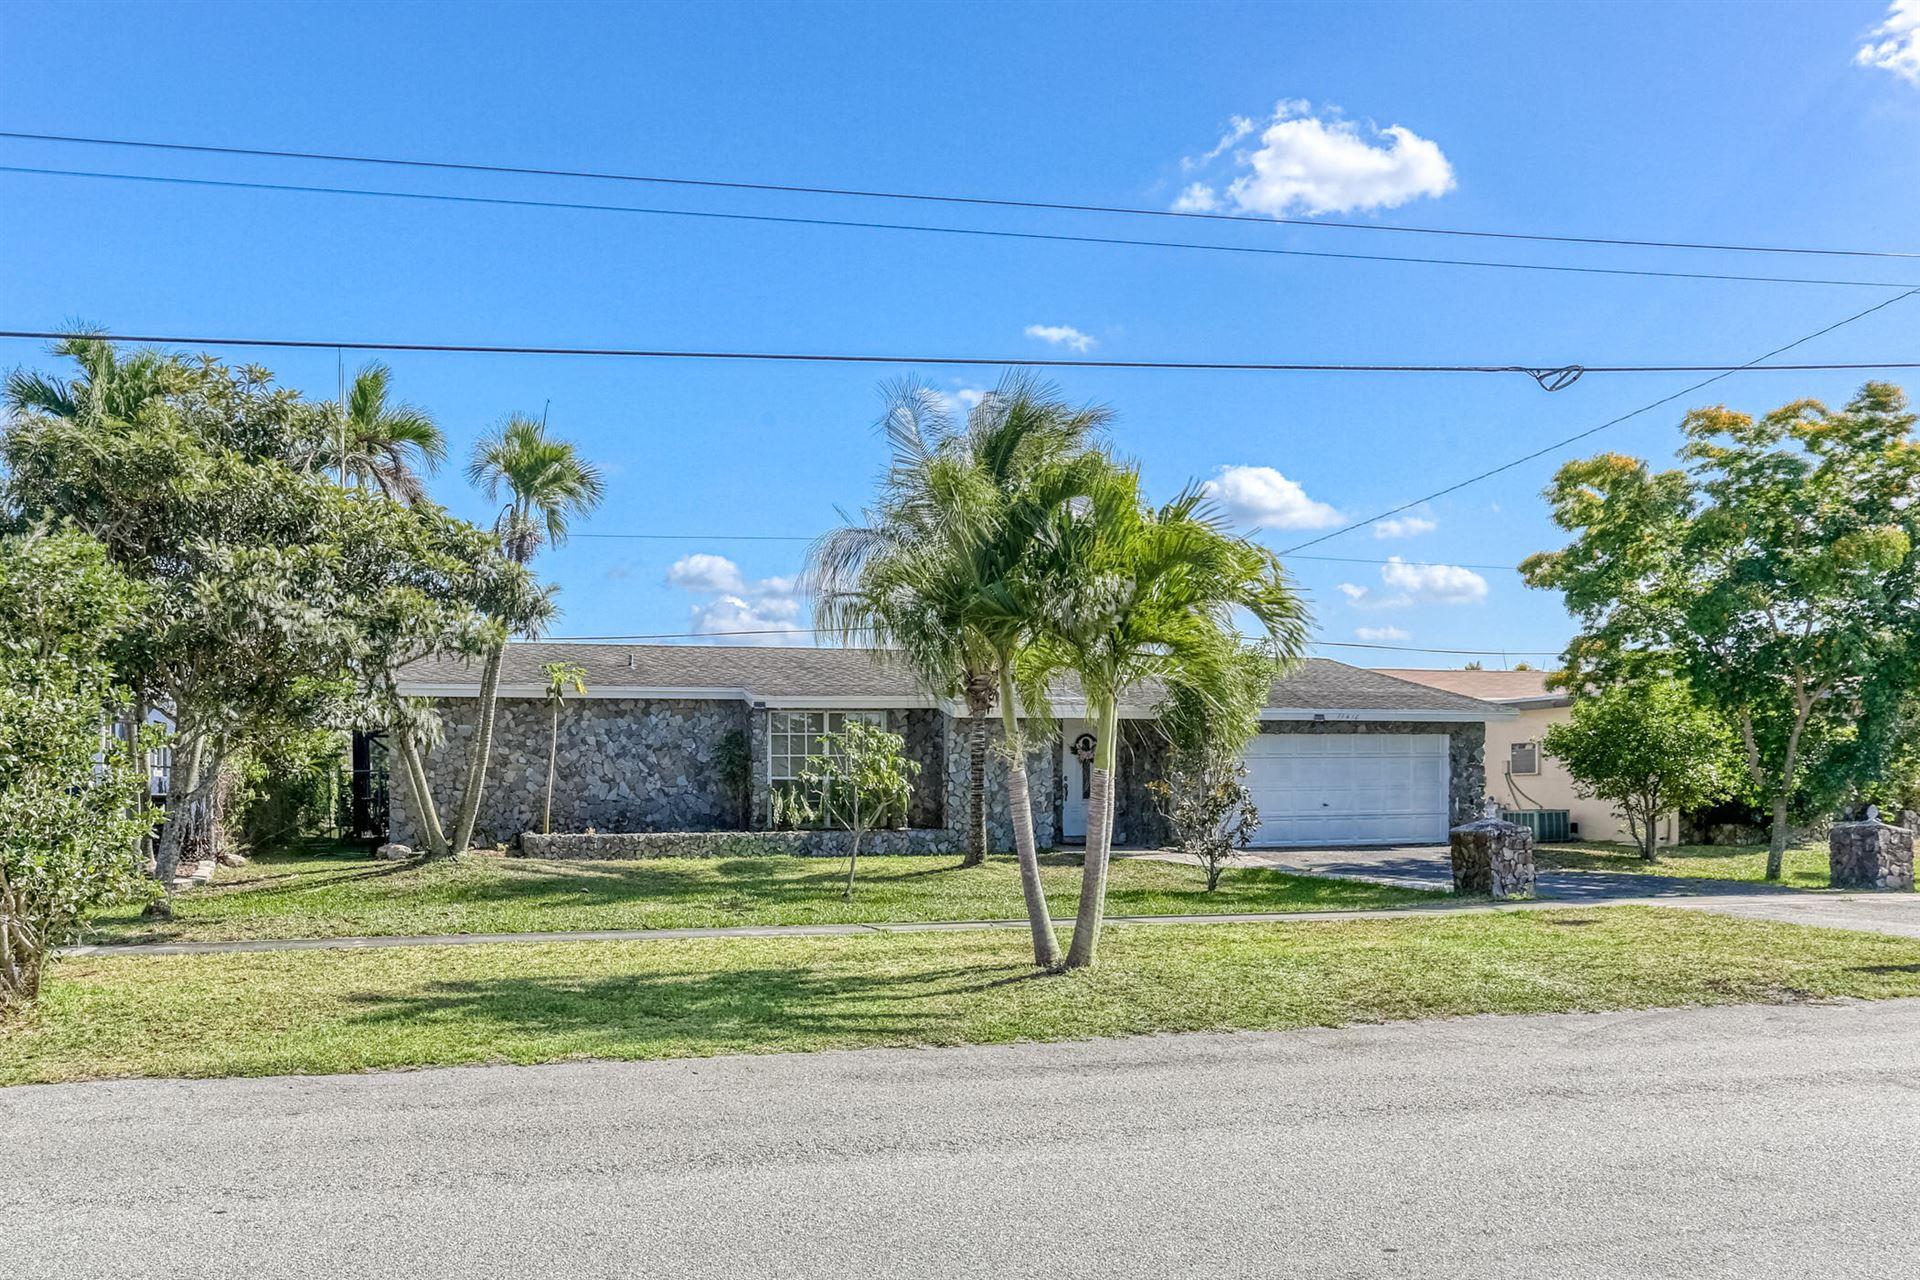 11410 NW 29th Manor, Sunrise, FL 33323 - #: RX-10713794